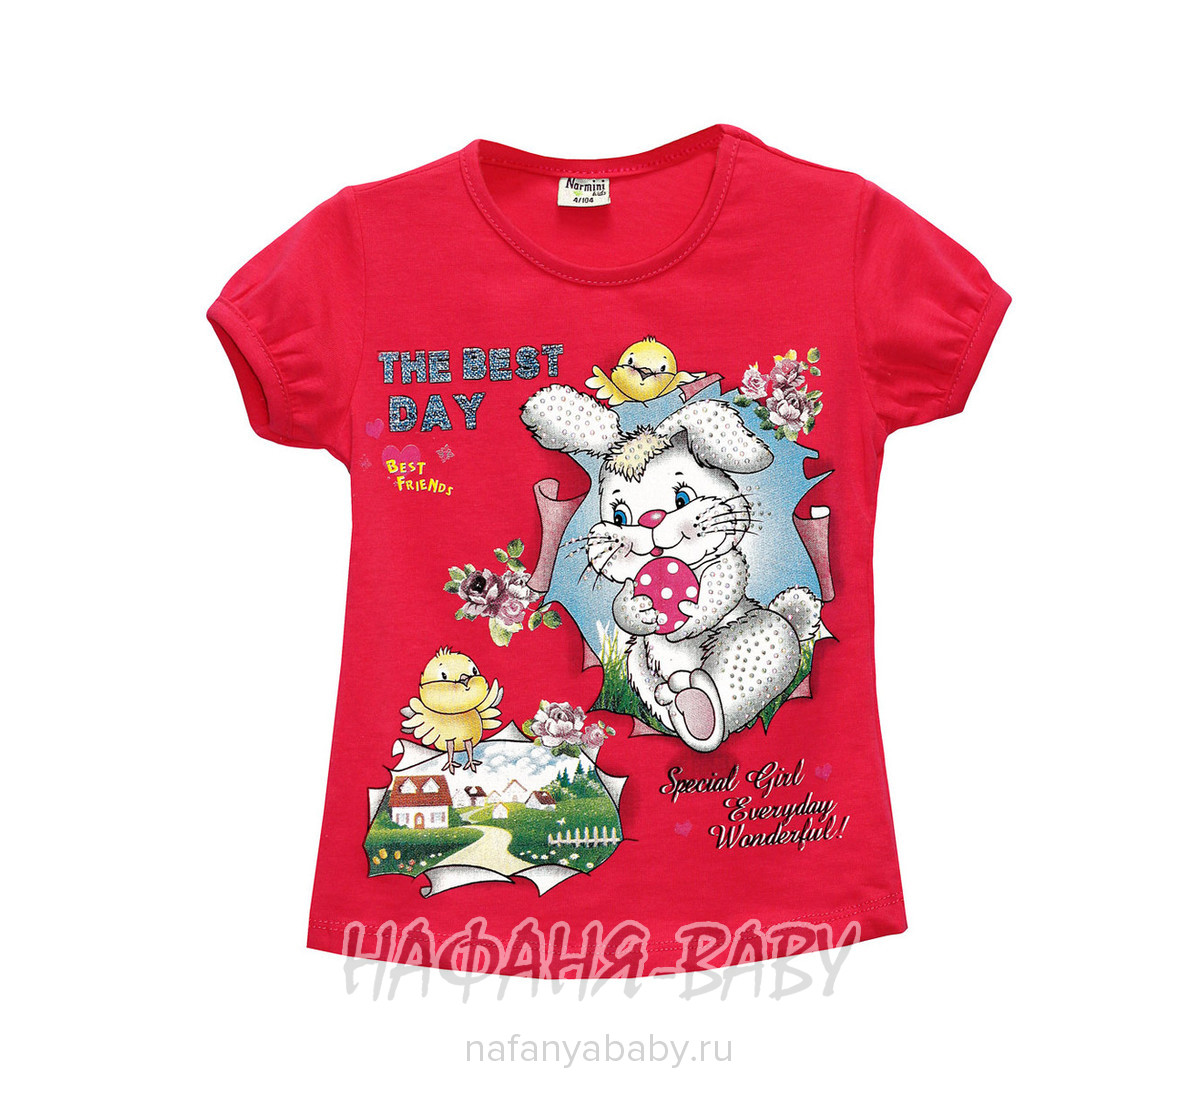 Детская футболка NARMINI арт: 4602, 1-4 года, 5-9 лет, цвет кремовый, оптом Турция